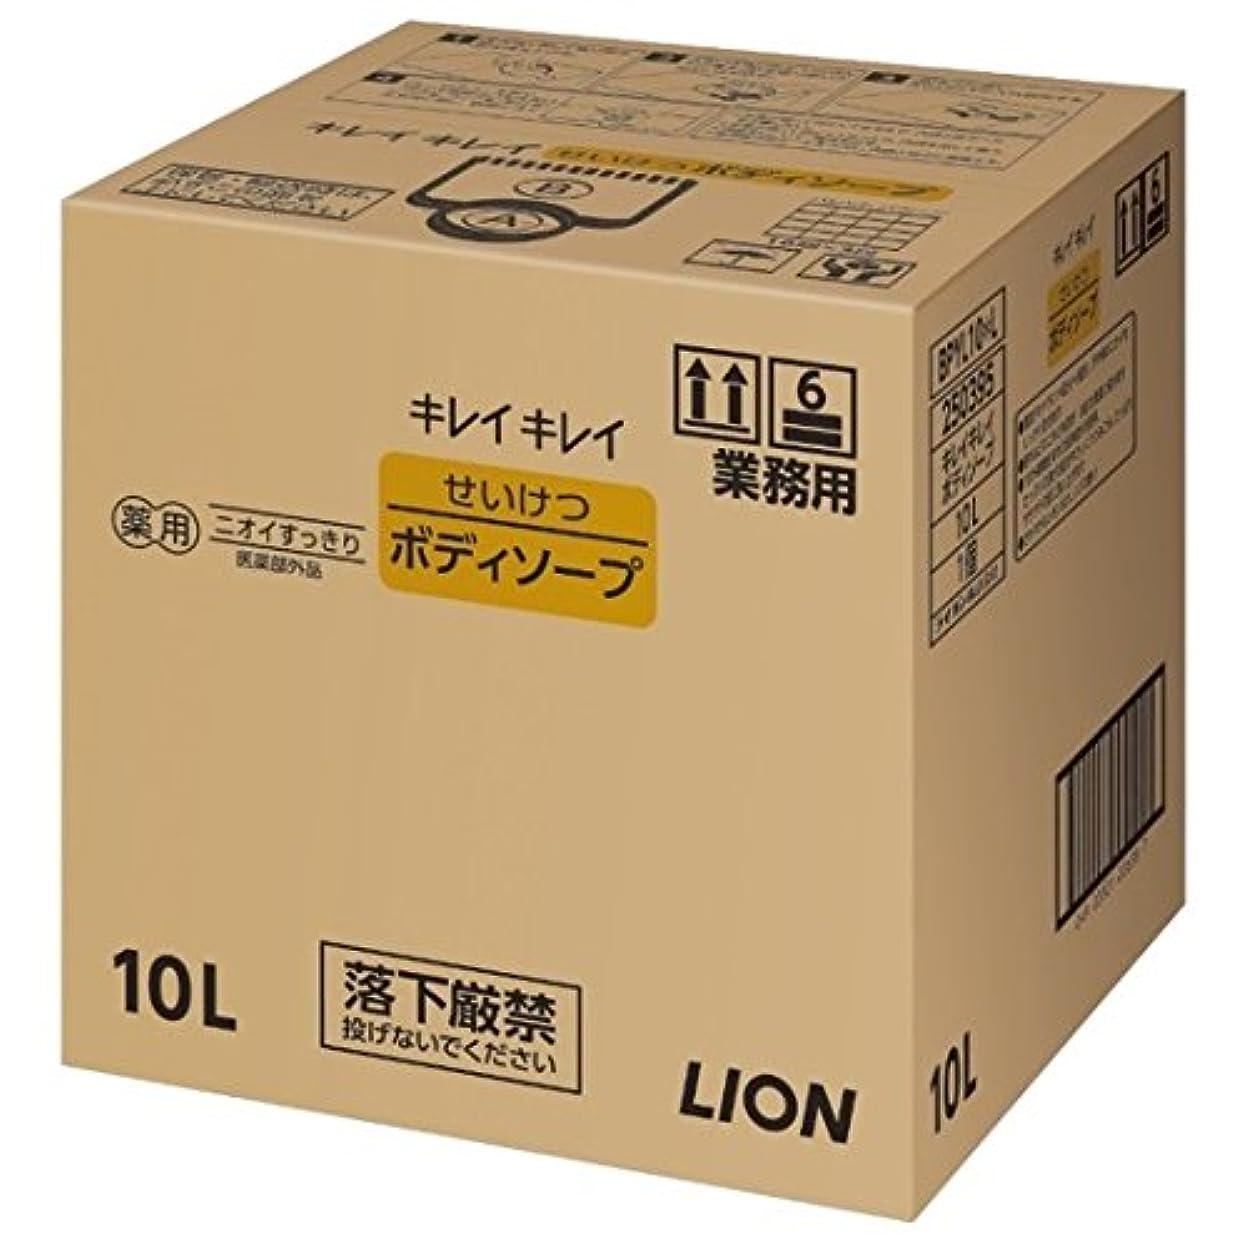 とげ入場料青ライオン 業務用 キレイキレイ せいけつボディソープ 10L